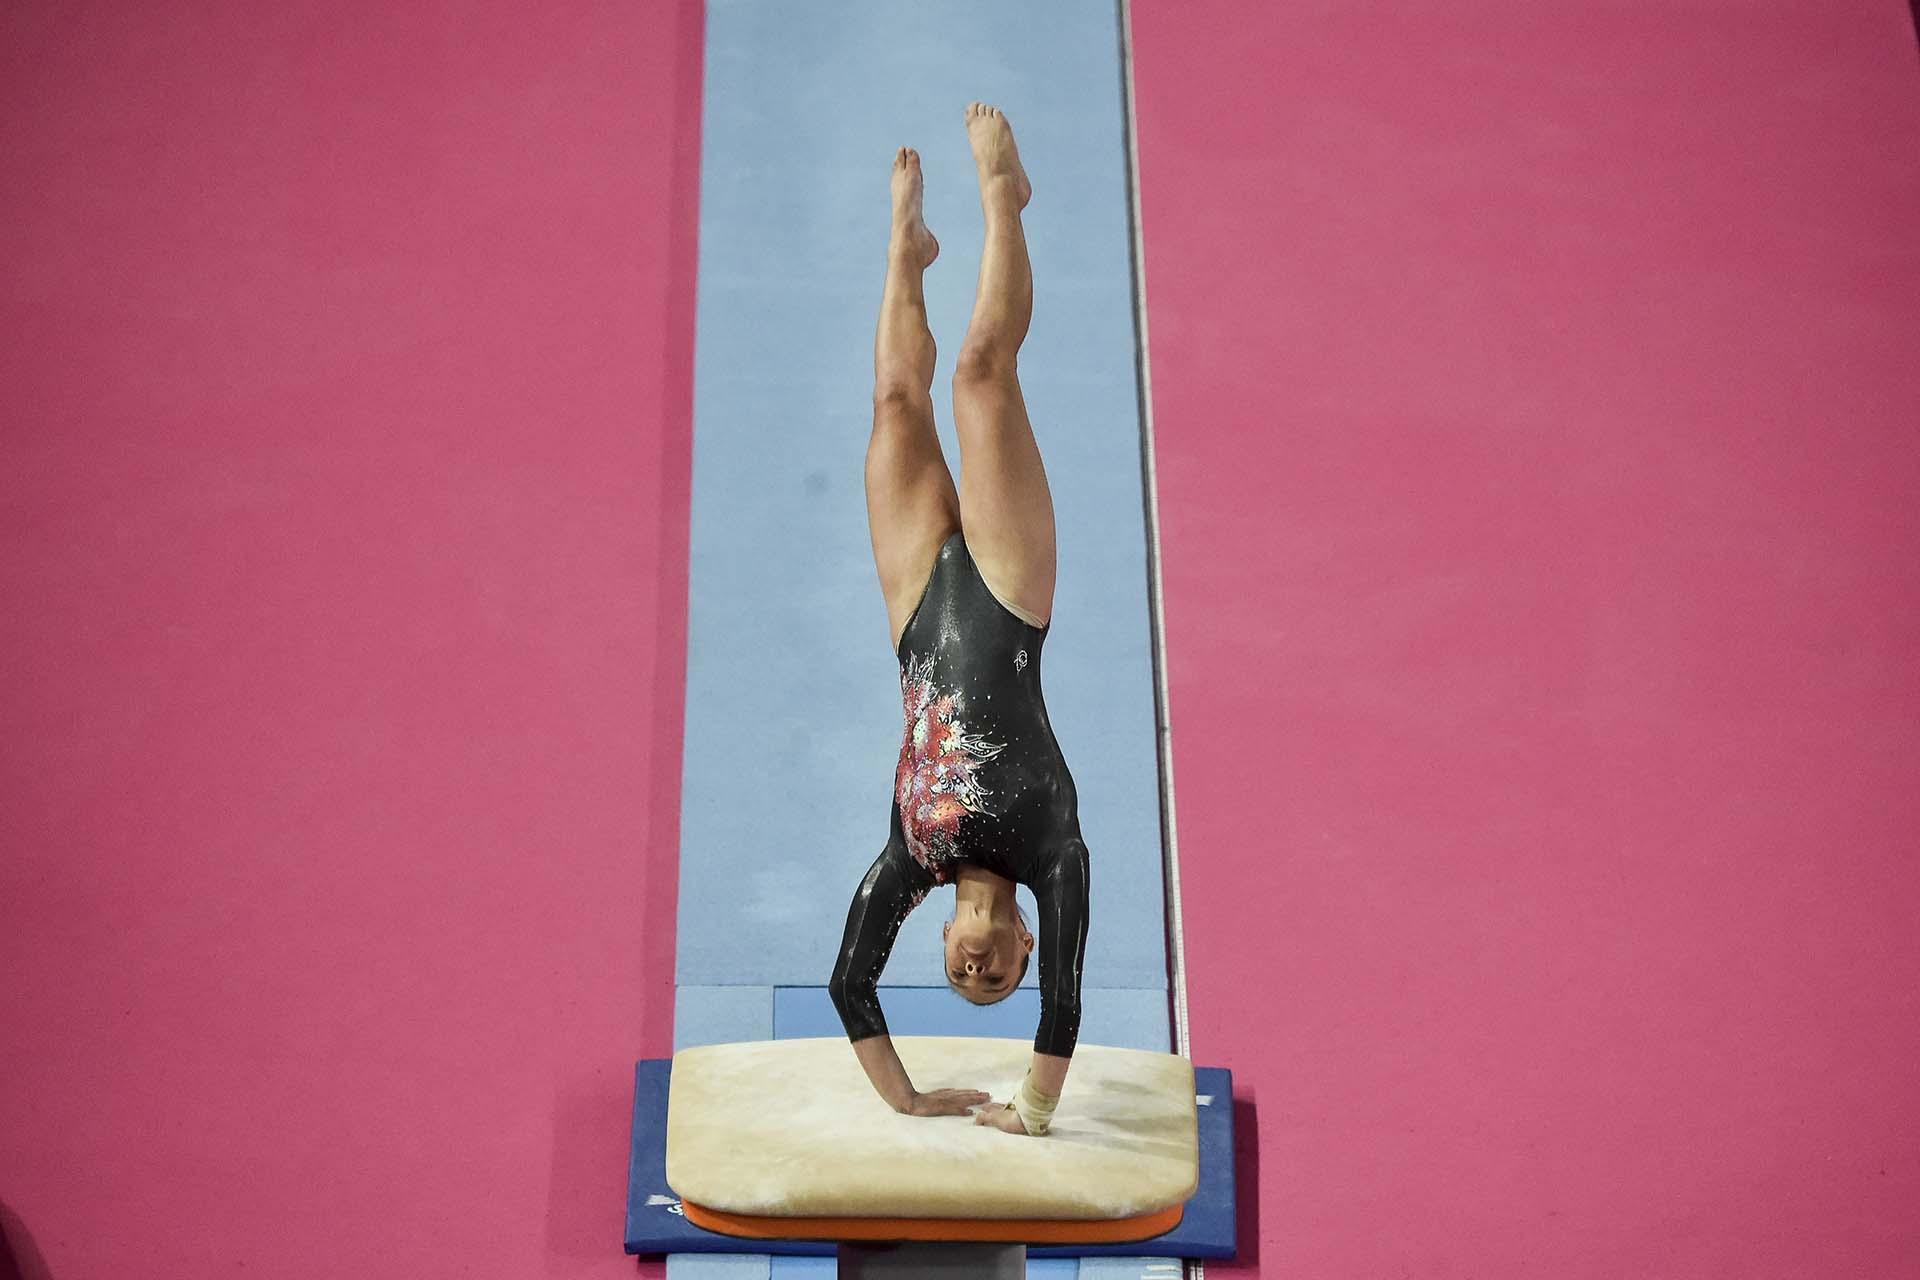 La canadiense Shallon Jade Olsen en su rutina que le permitiría llevarse la medalla de bronce. (Photo by Luis ROBAYO / AFP)